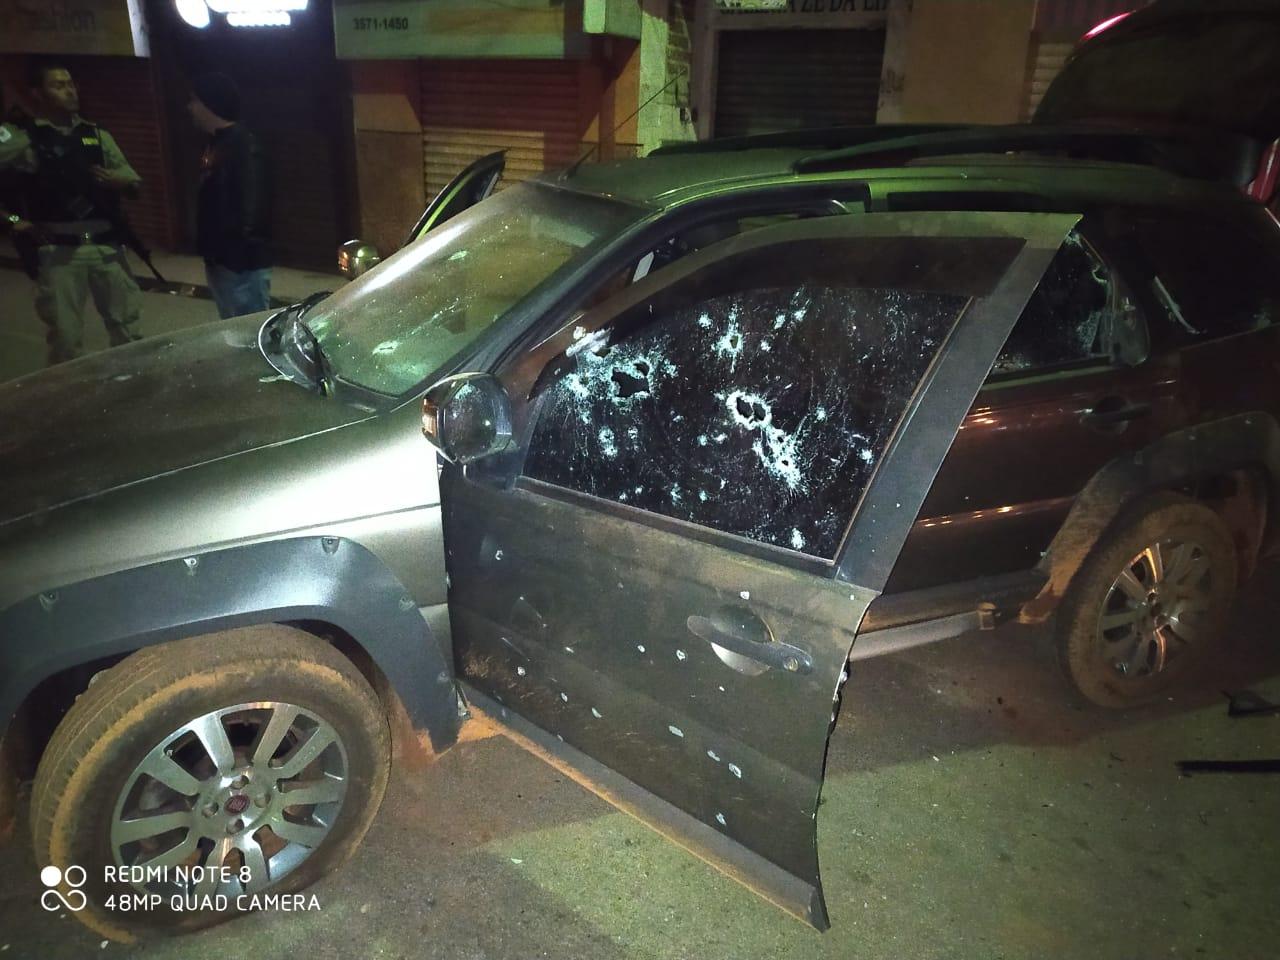 Veículo utilizado pelos suspeitos ficou com várias marcas de disparos